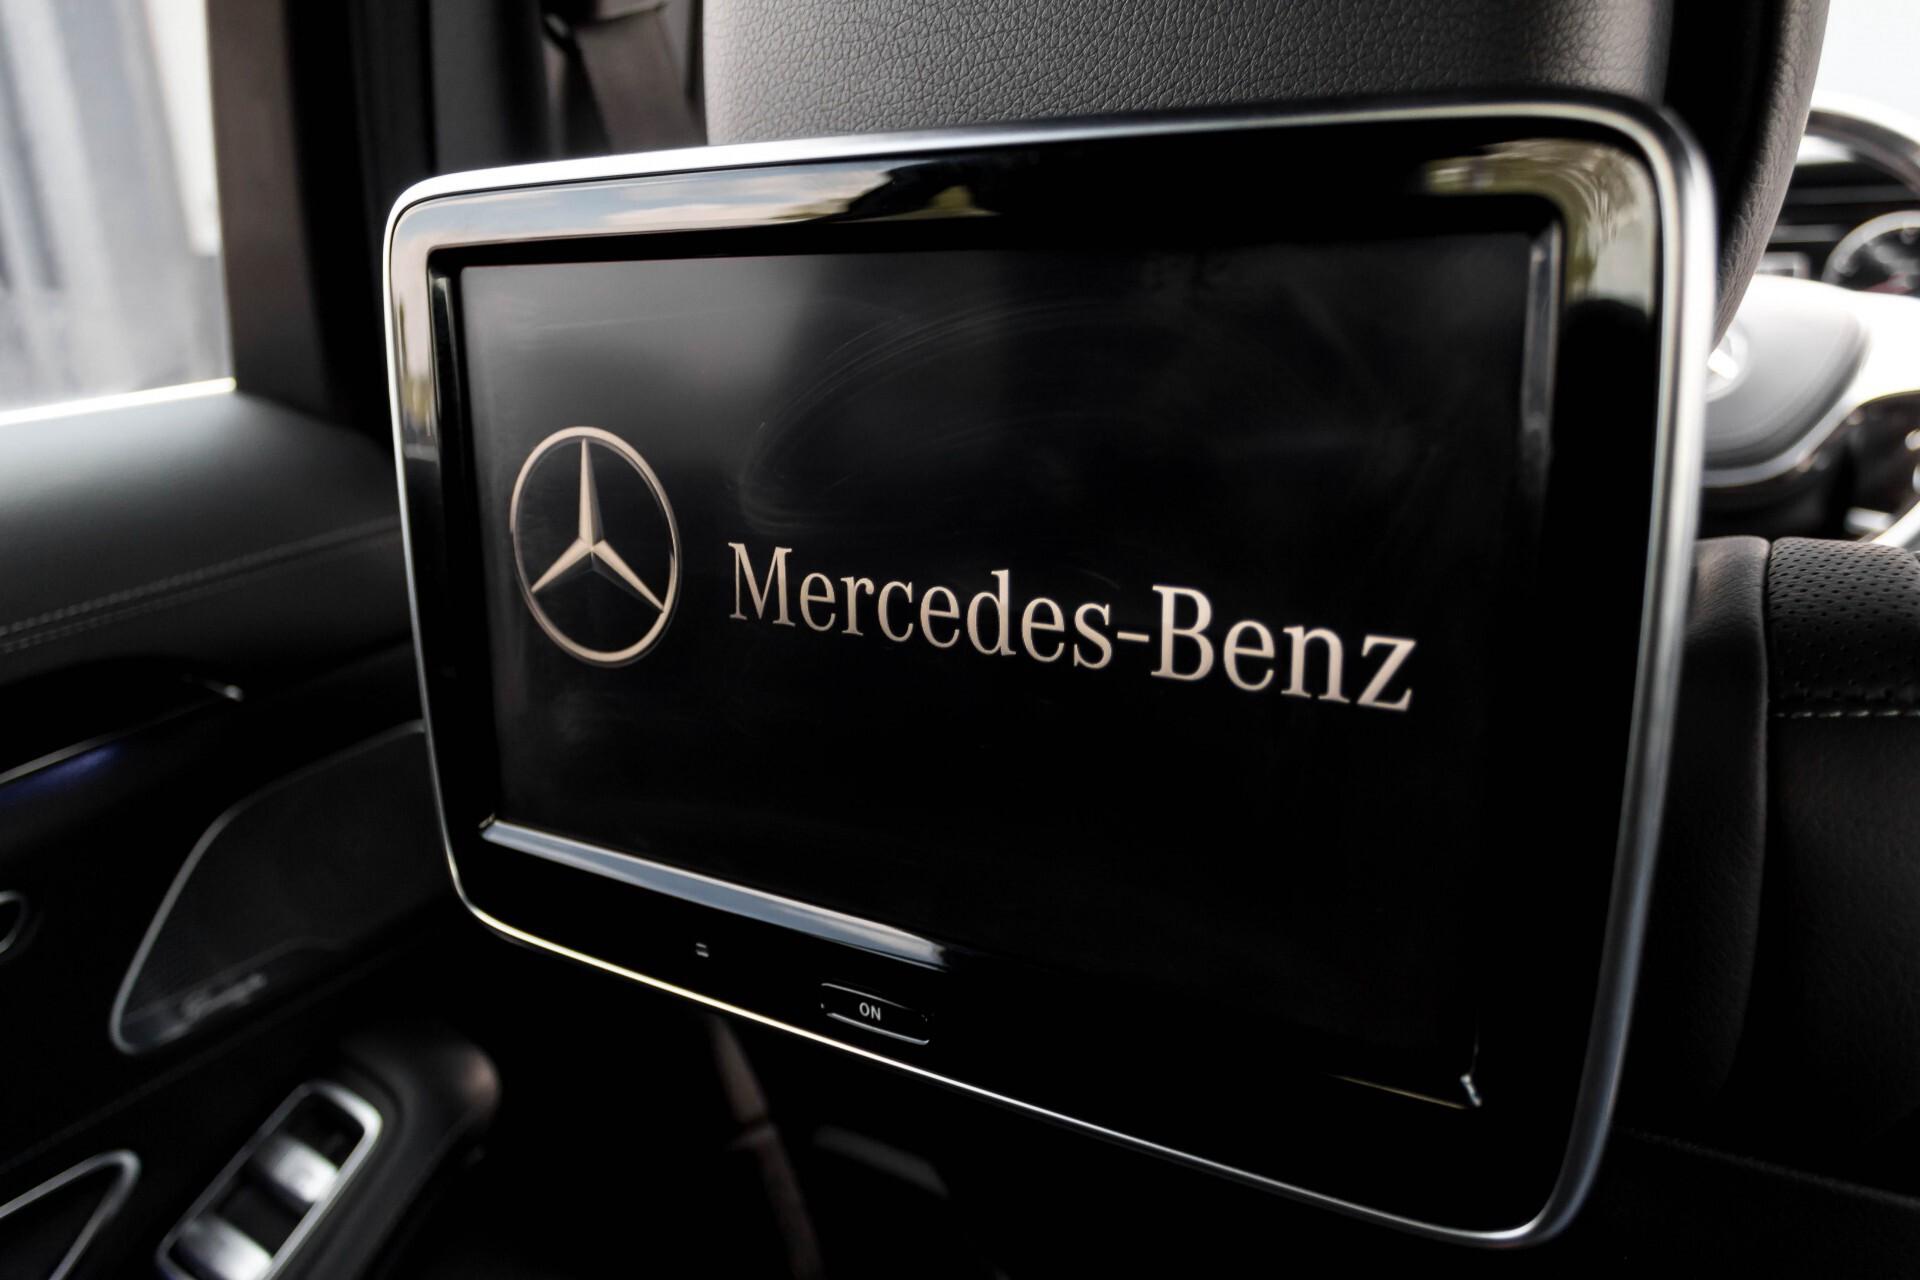 Mercedes-Benz S-Klasse 500 4-M AMG Panorama/Standkachel/Massage/Entertainment/TV Aut7 Foto 54